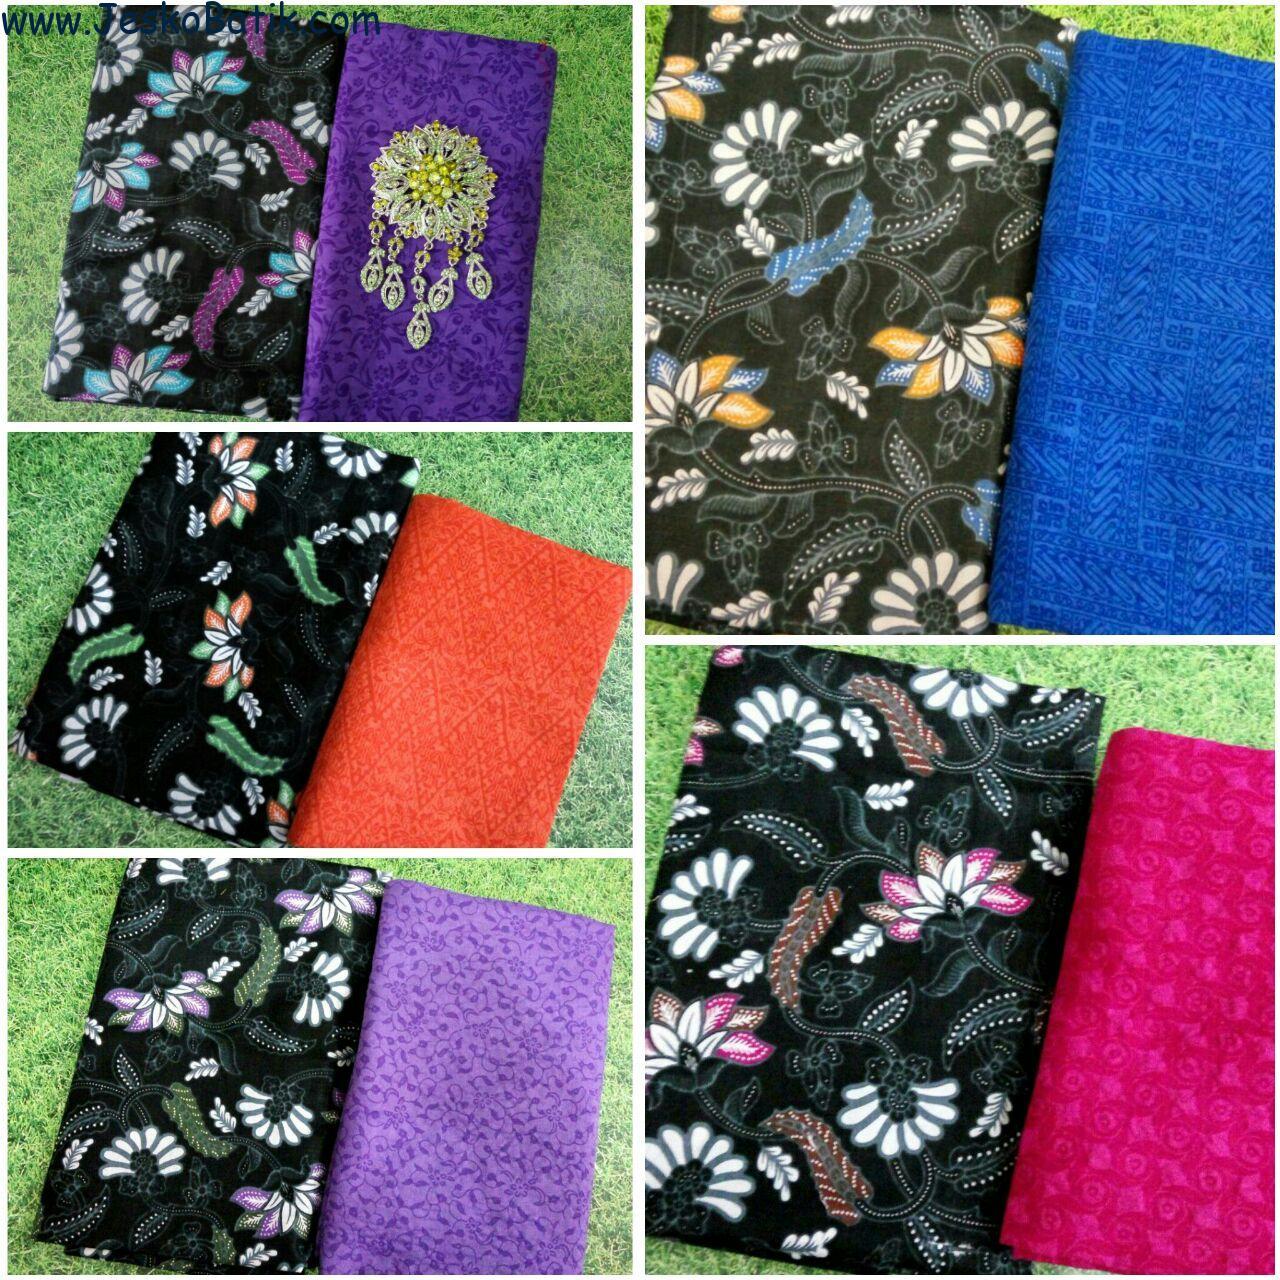 kain batik printing motif bunga batik pekalongan dankain batik embos